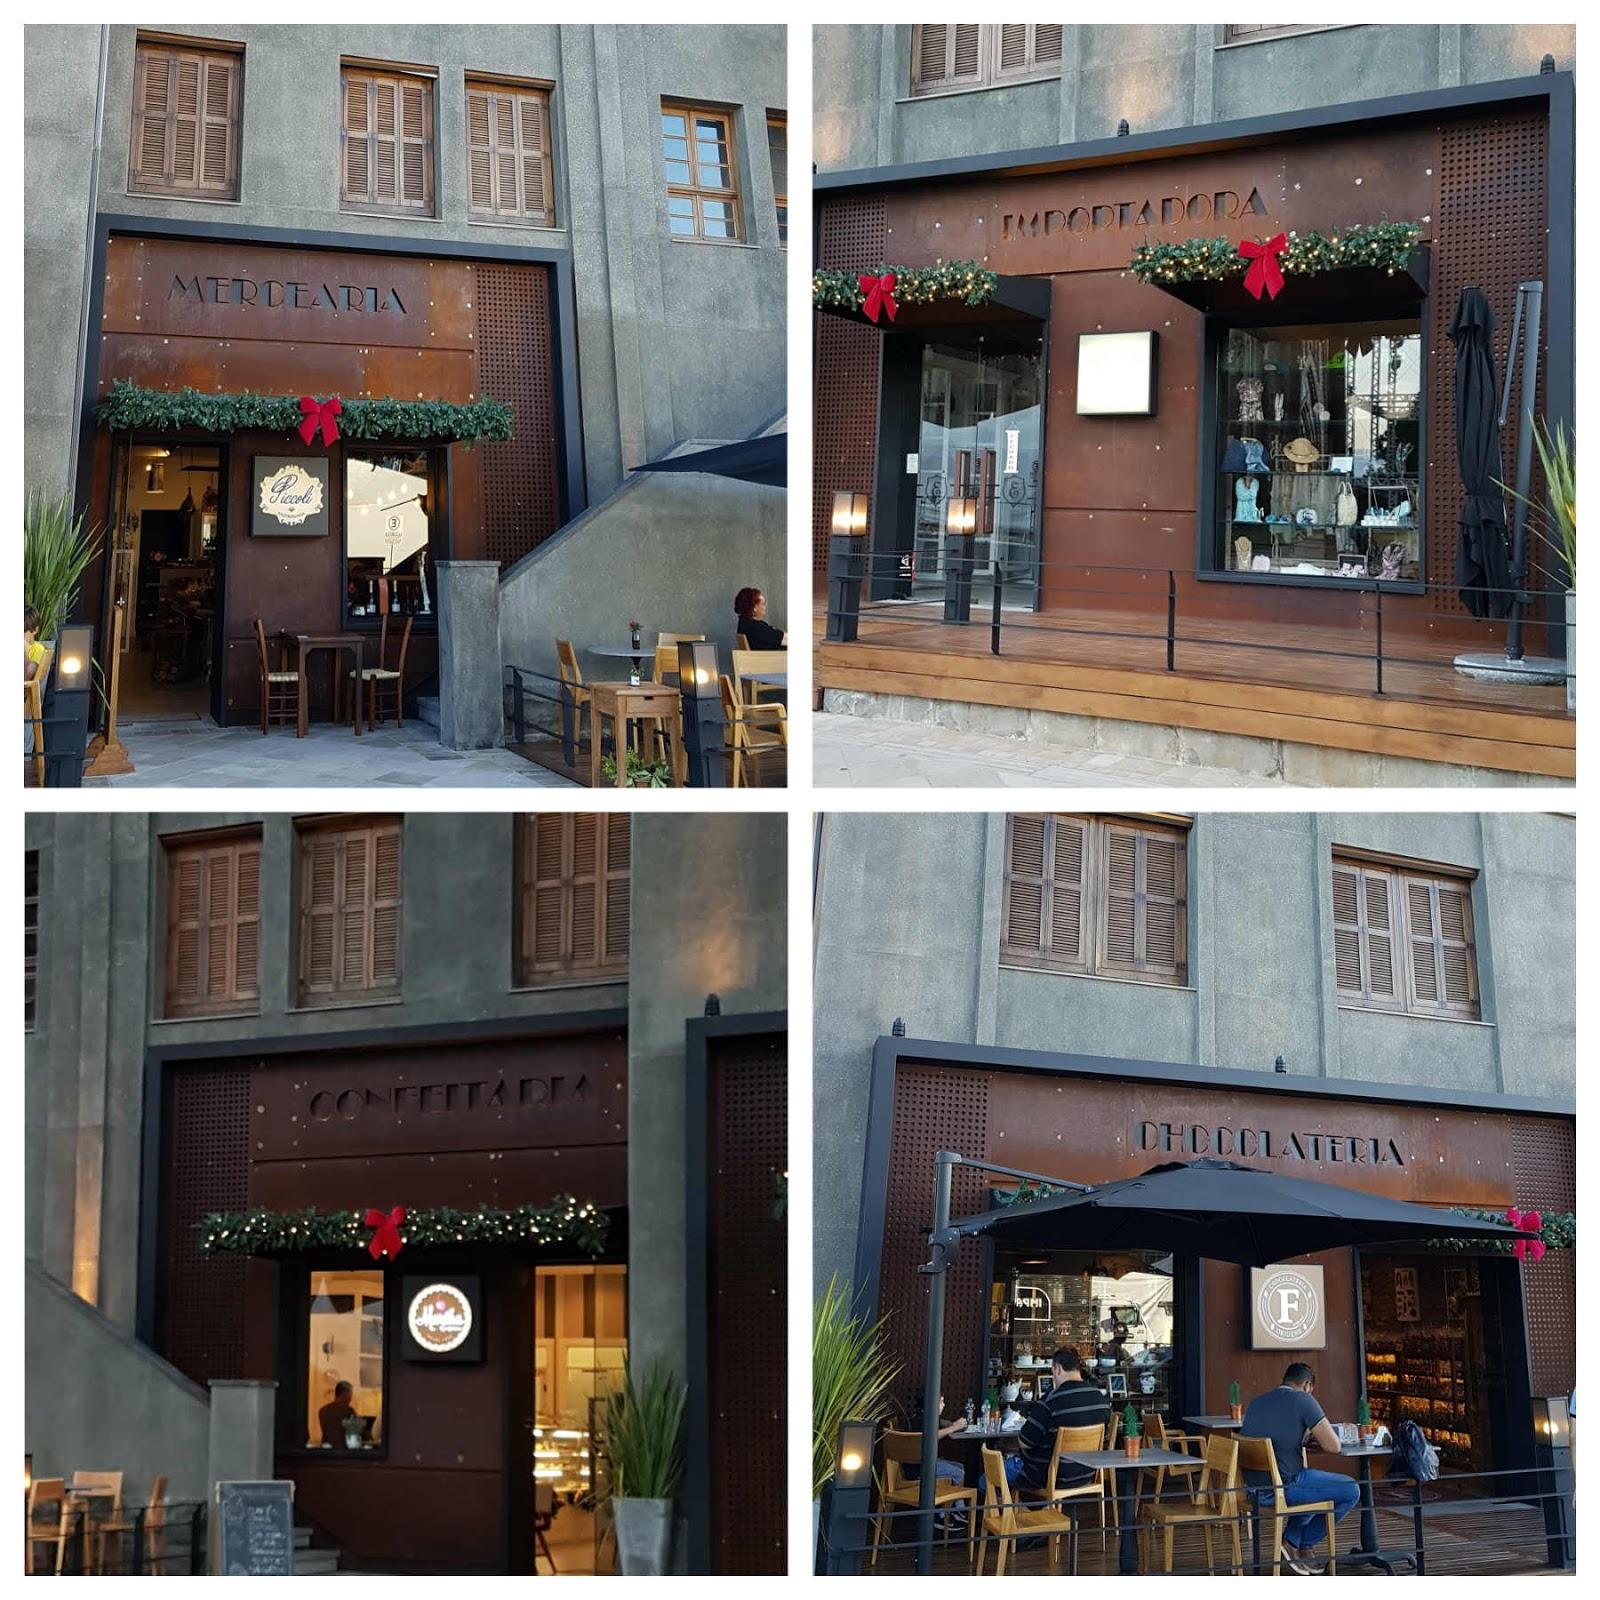 Onde comer em Canela :Casa Auxiliadora 40 e Dile Valduga Ristorante.